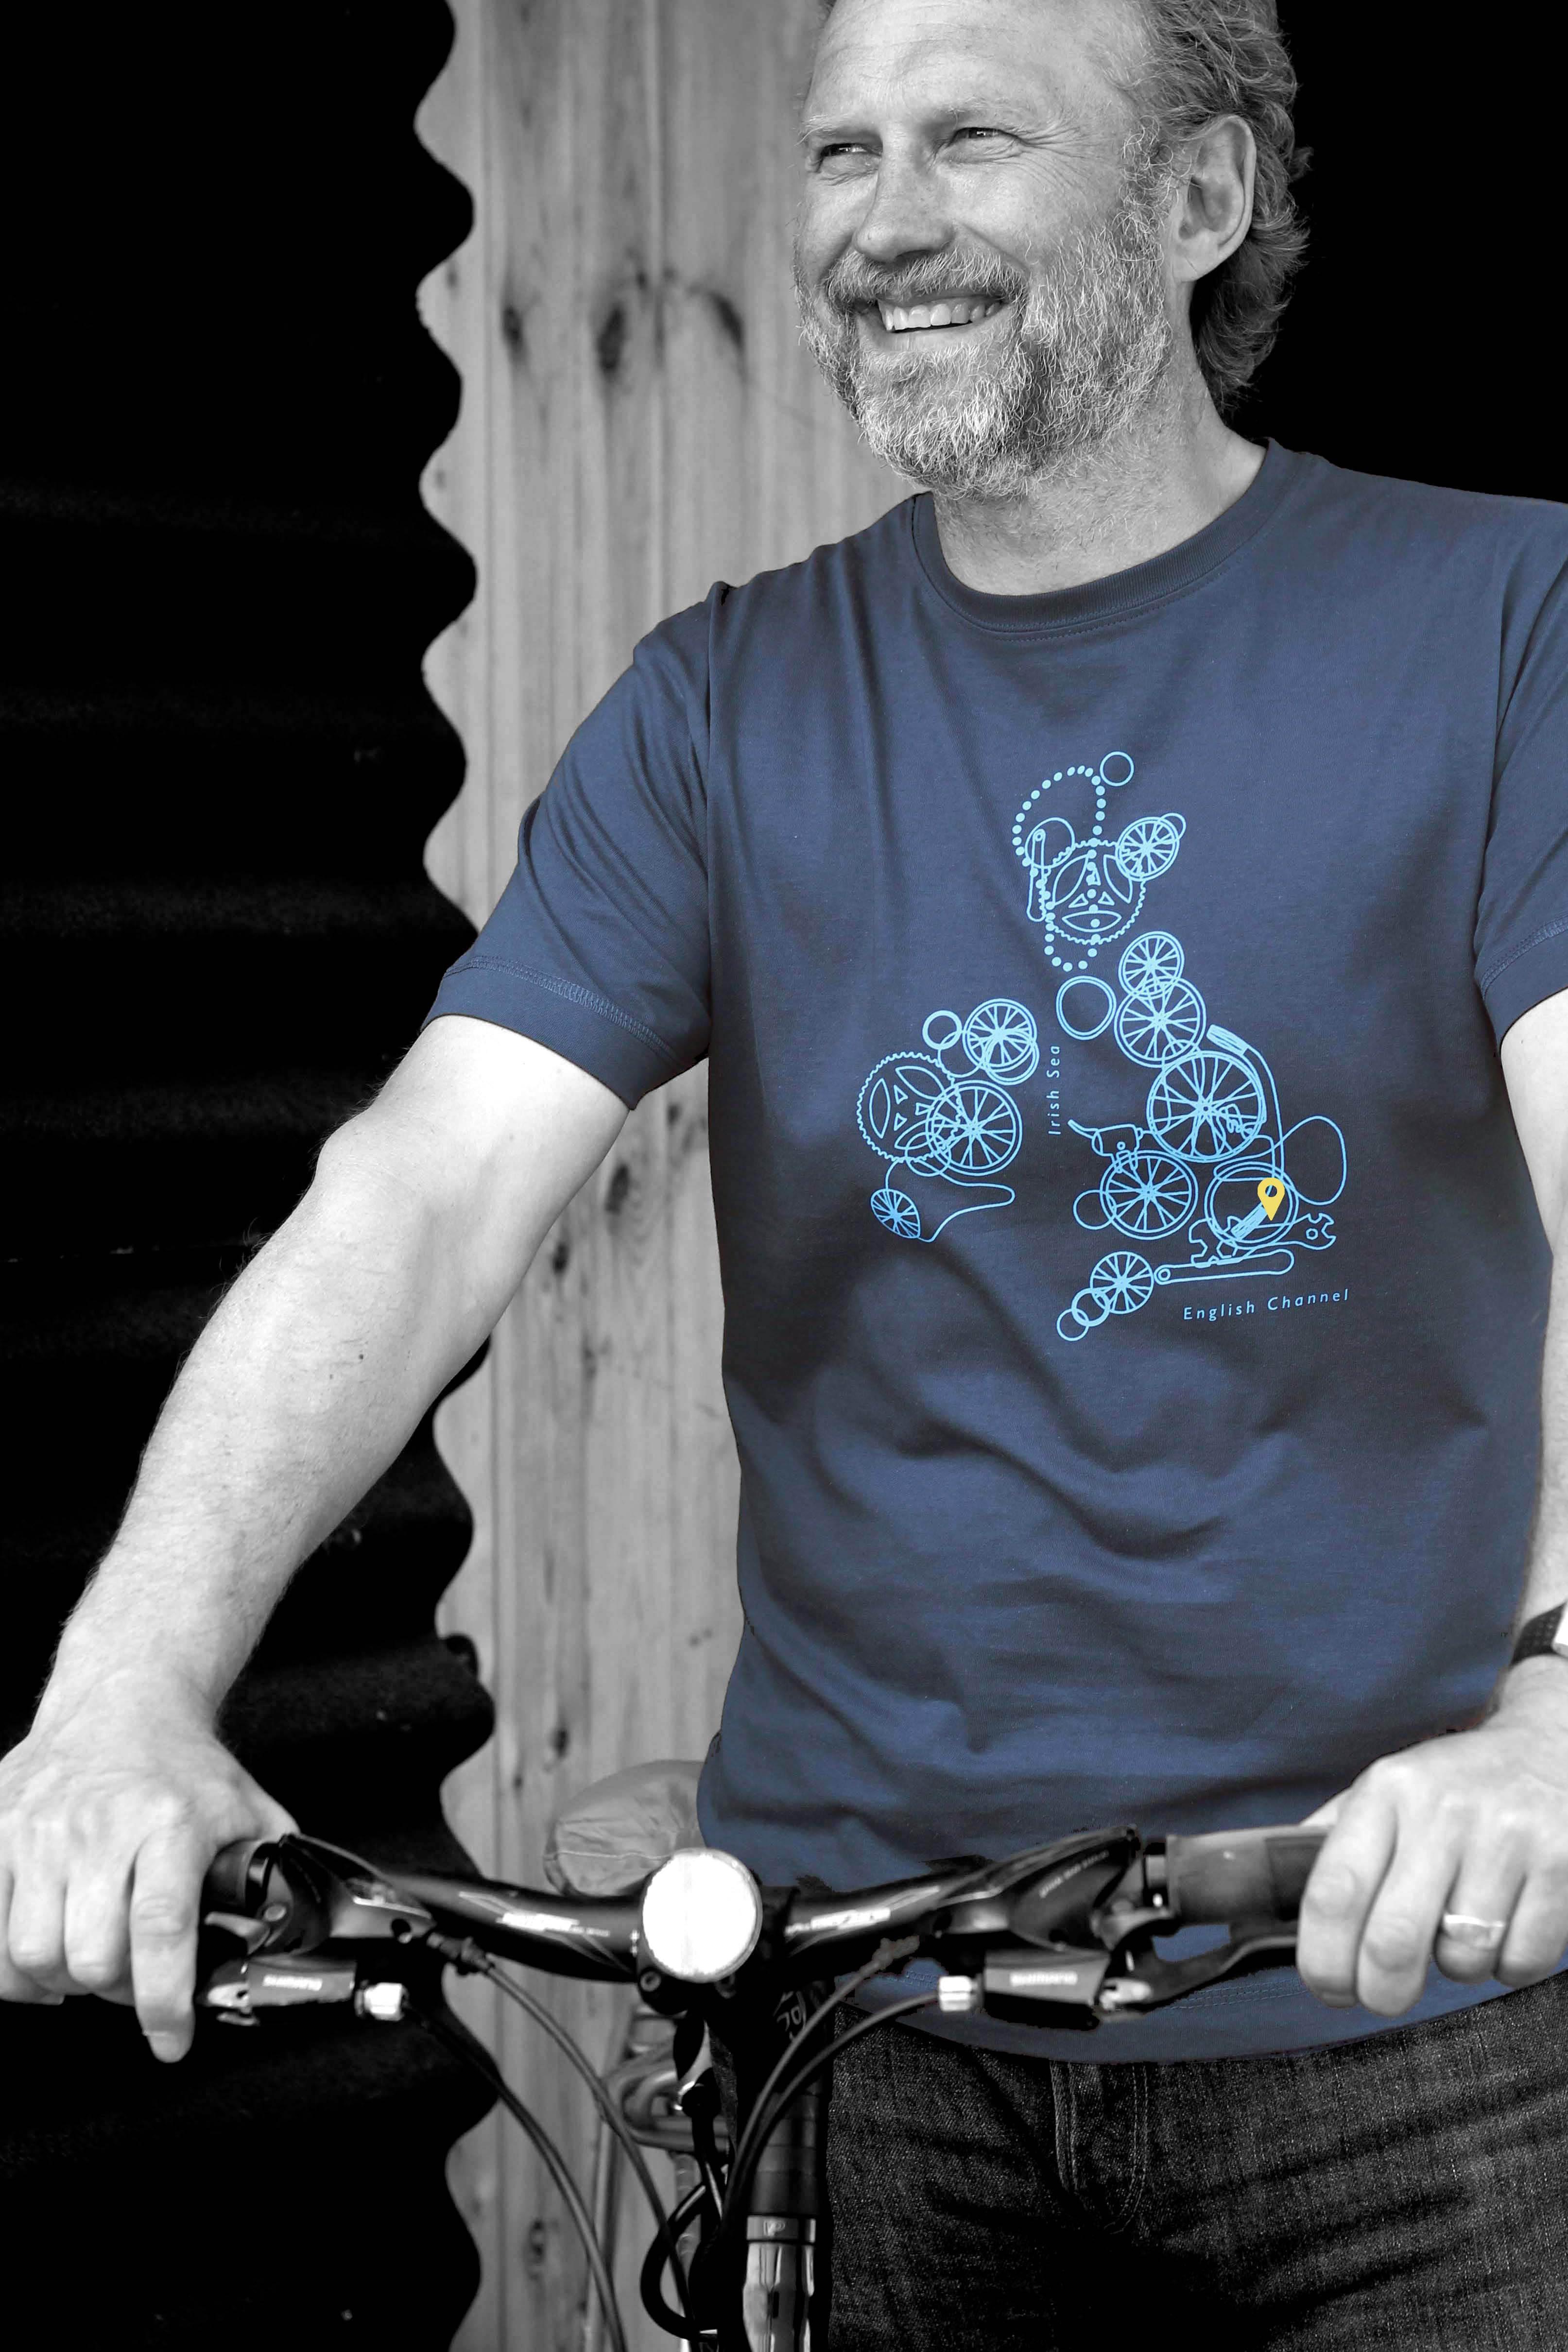 Sight Hound UK Bikes